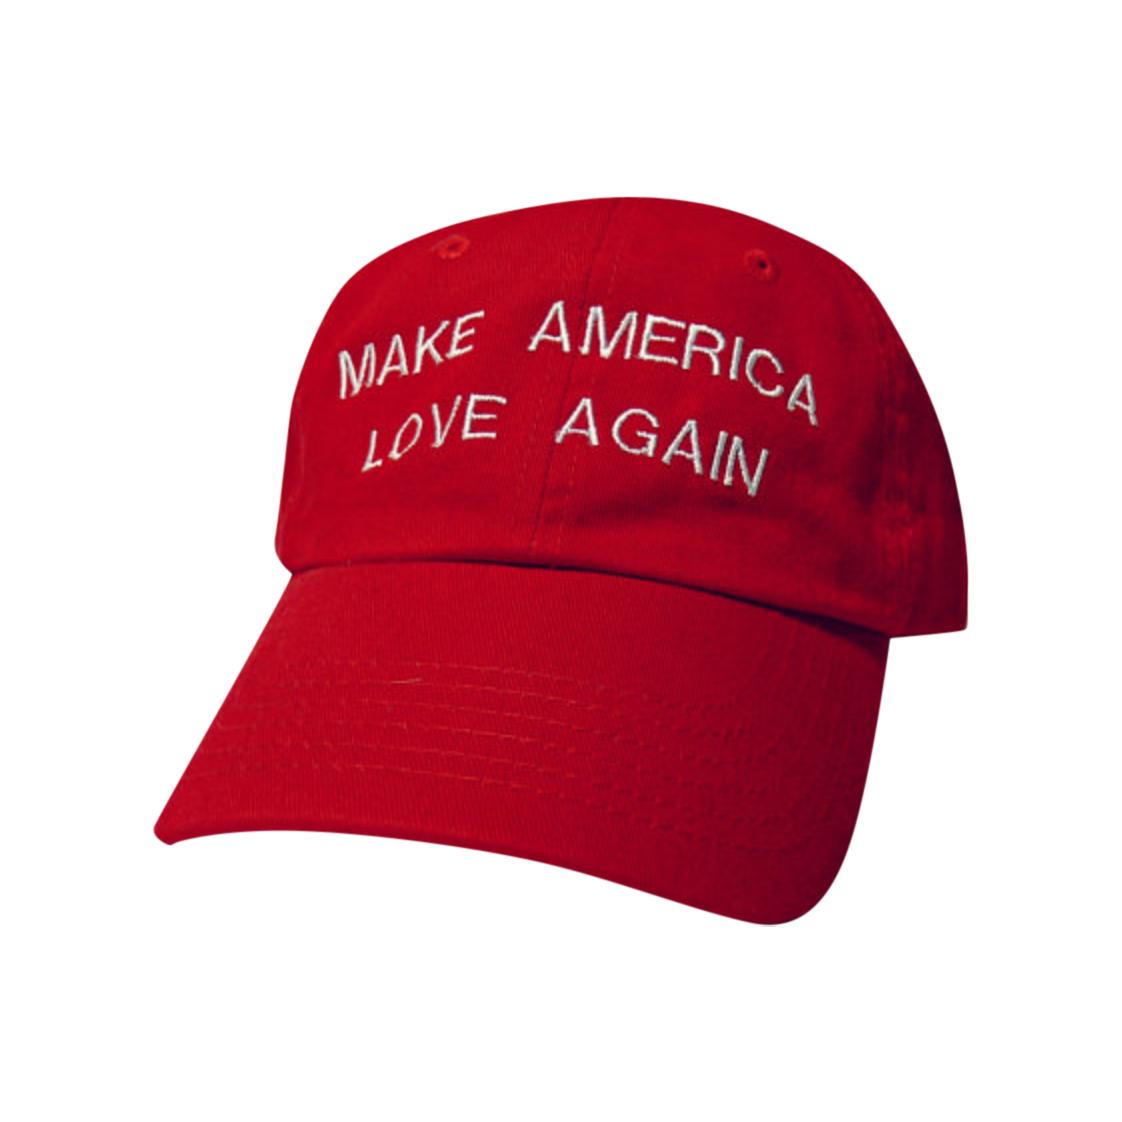 Make America Love Again Cap $18